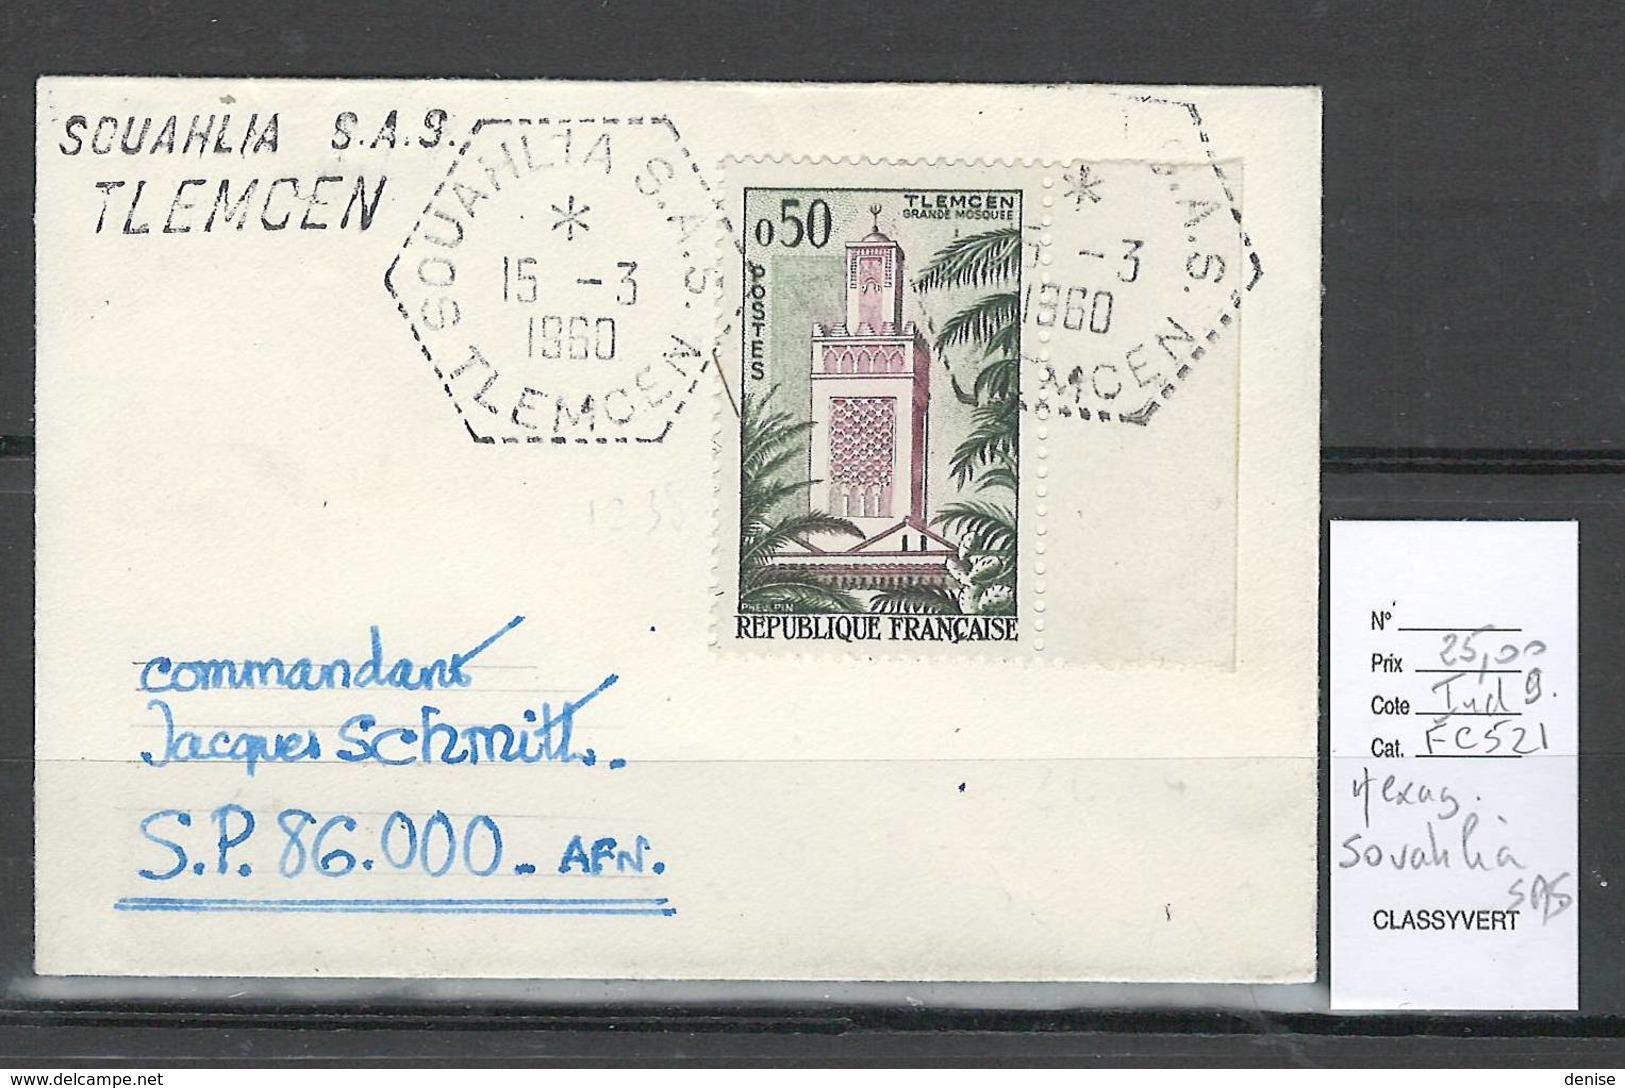 Algerie - Lettre  - Cachet Hexagonal SOUAHLIA SAS -  Marcophilie - Algeria (1924-1962)